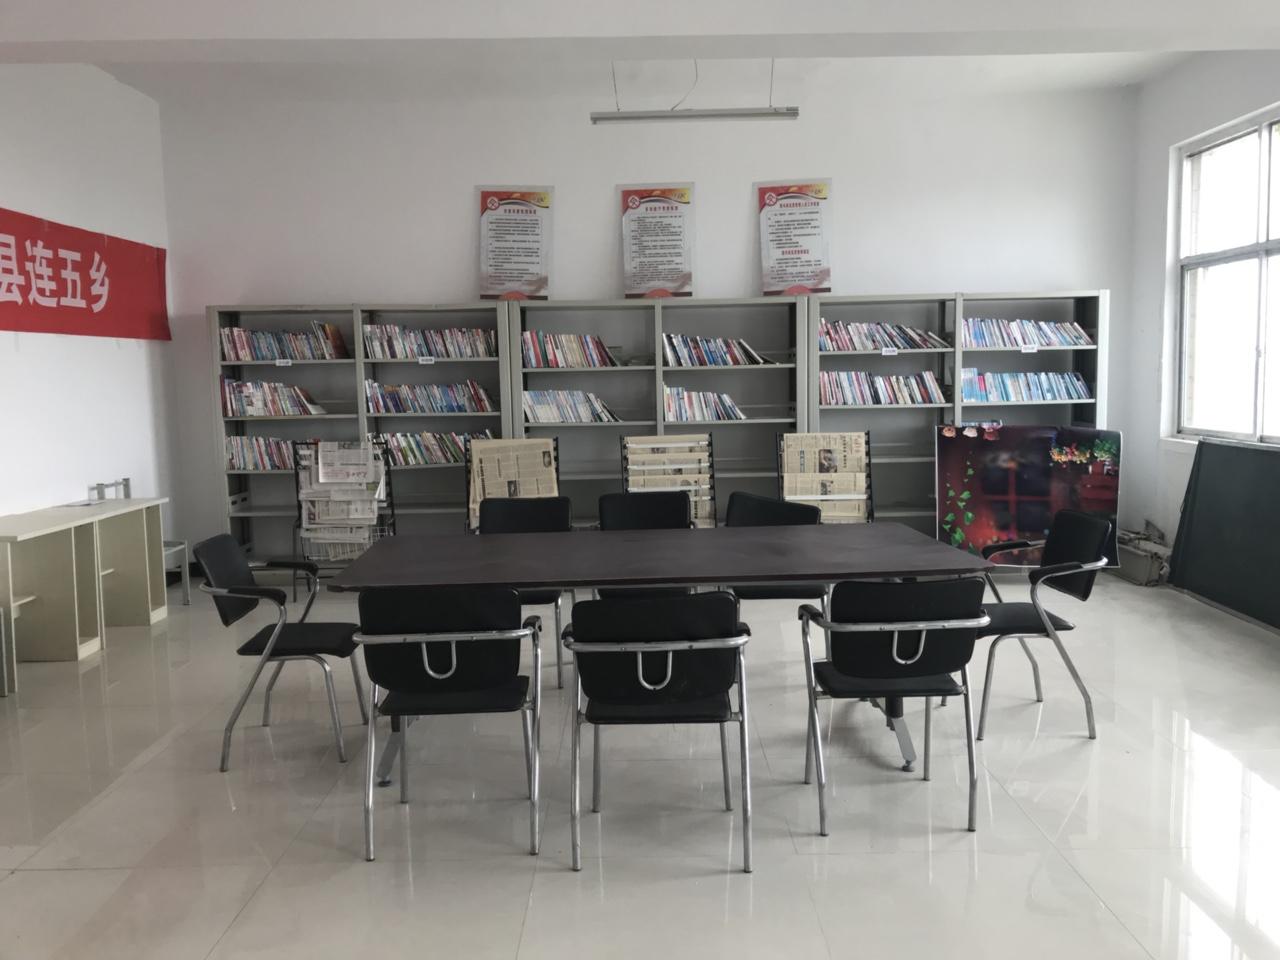 【文化惠民】连五乡兰家村综合文化服务中心风�